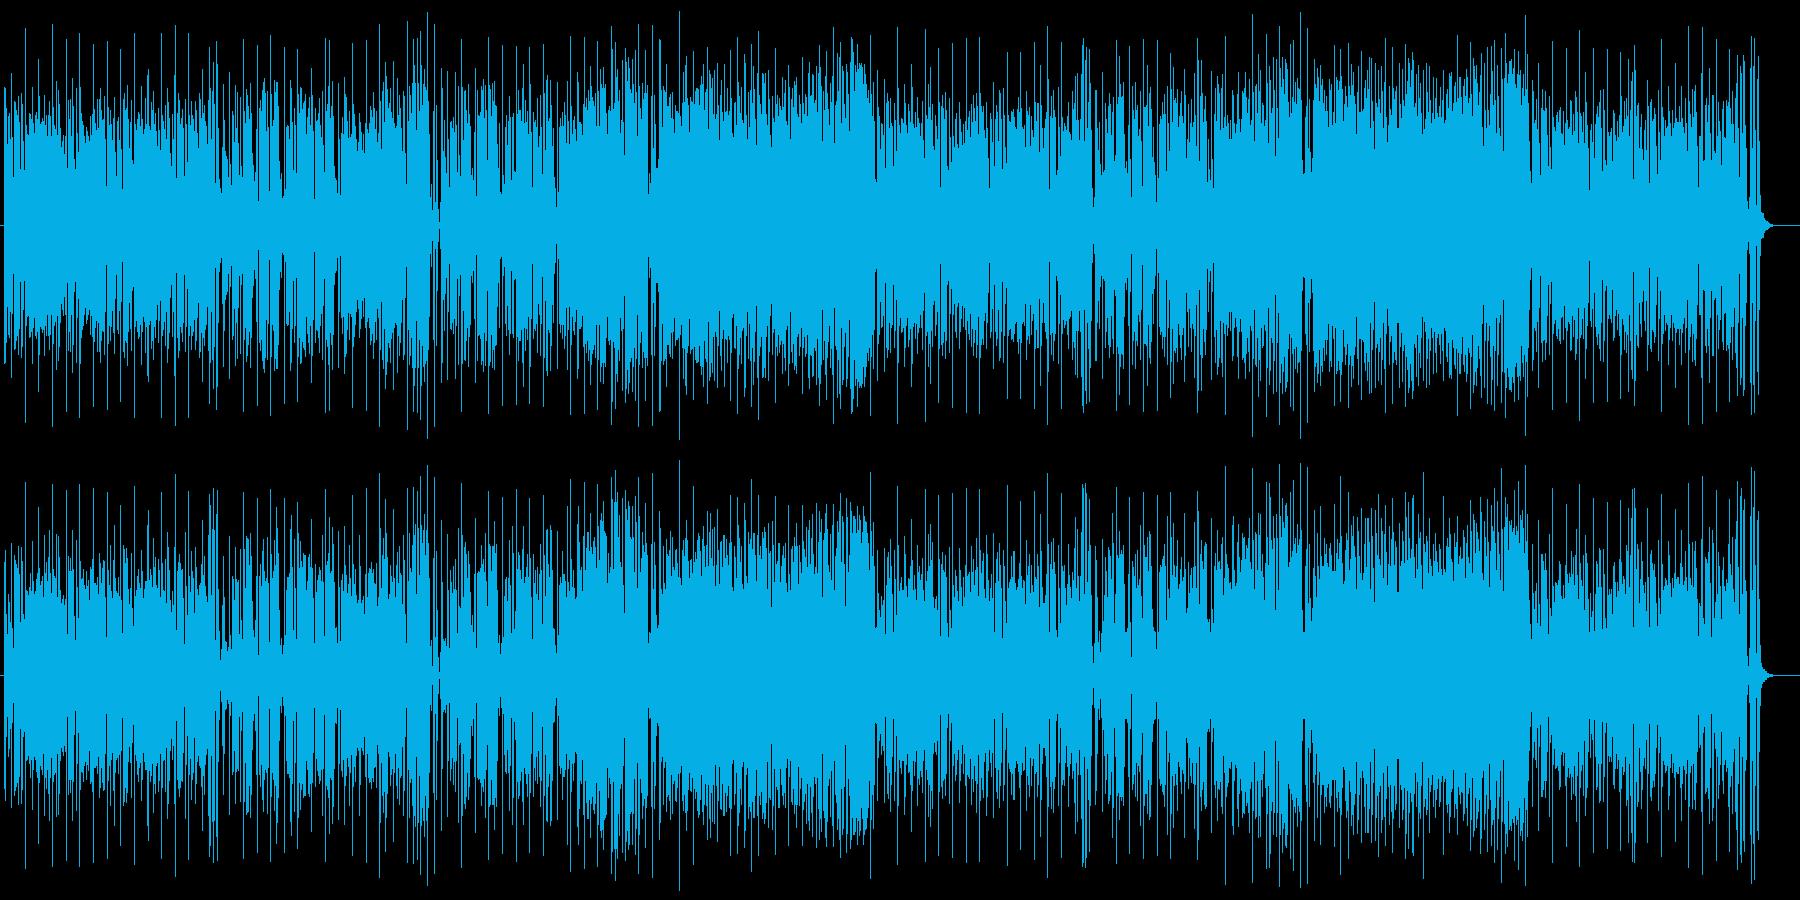 ムードな雰囲気漂うサックスジャズポップスの再生済みの波形